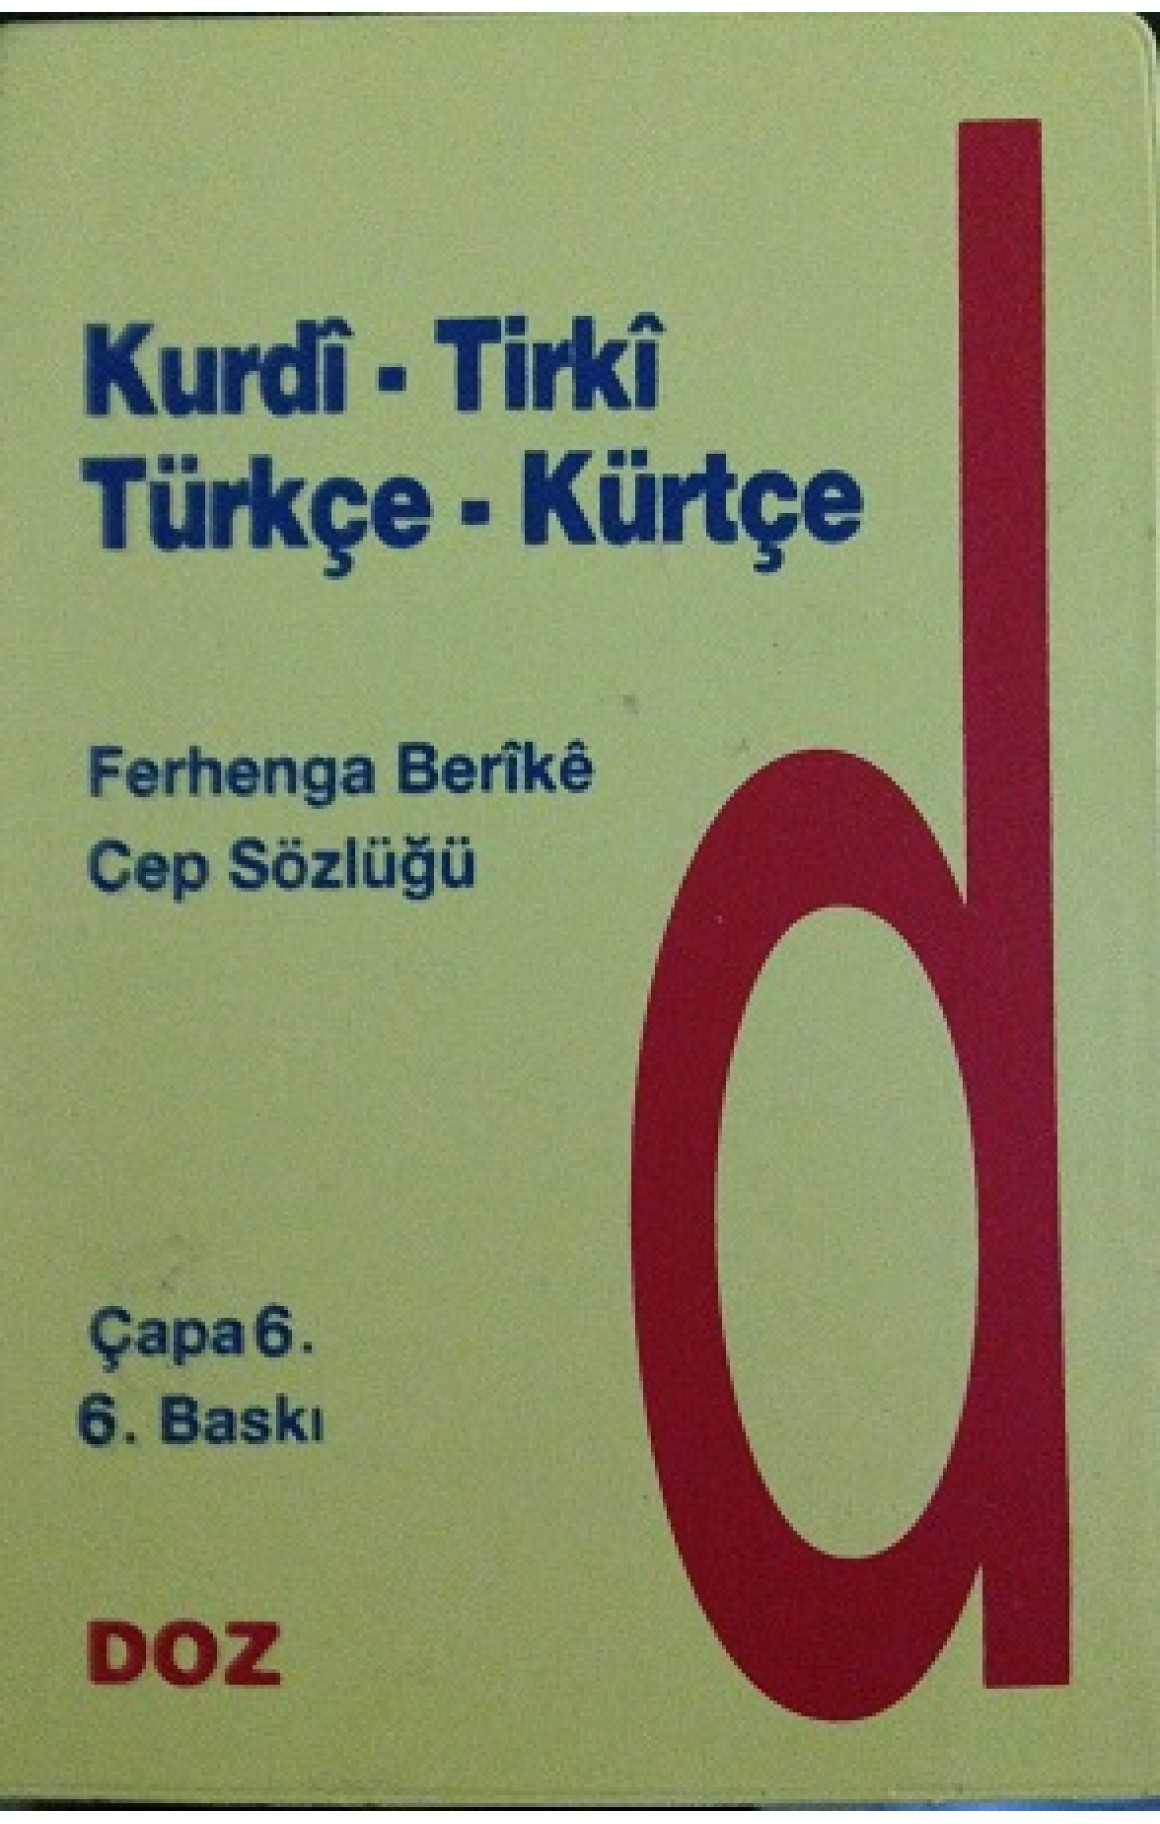 Kürtçe- Türkçe Cep Sözlüğü Ferhenga Bêrîkê